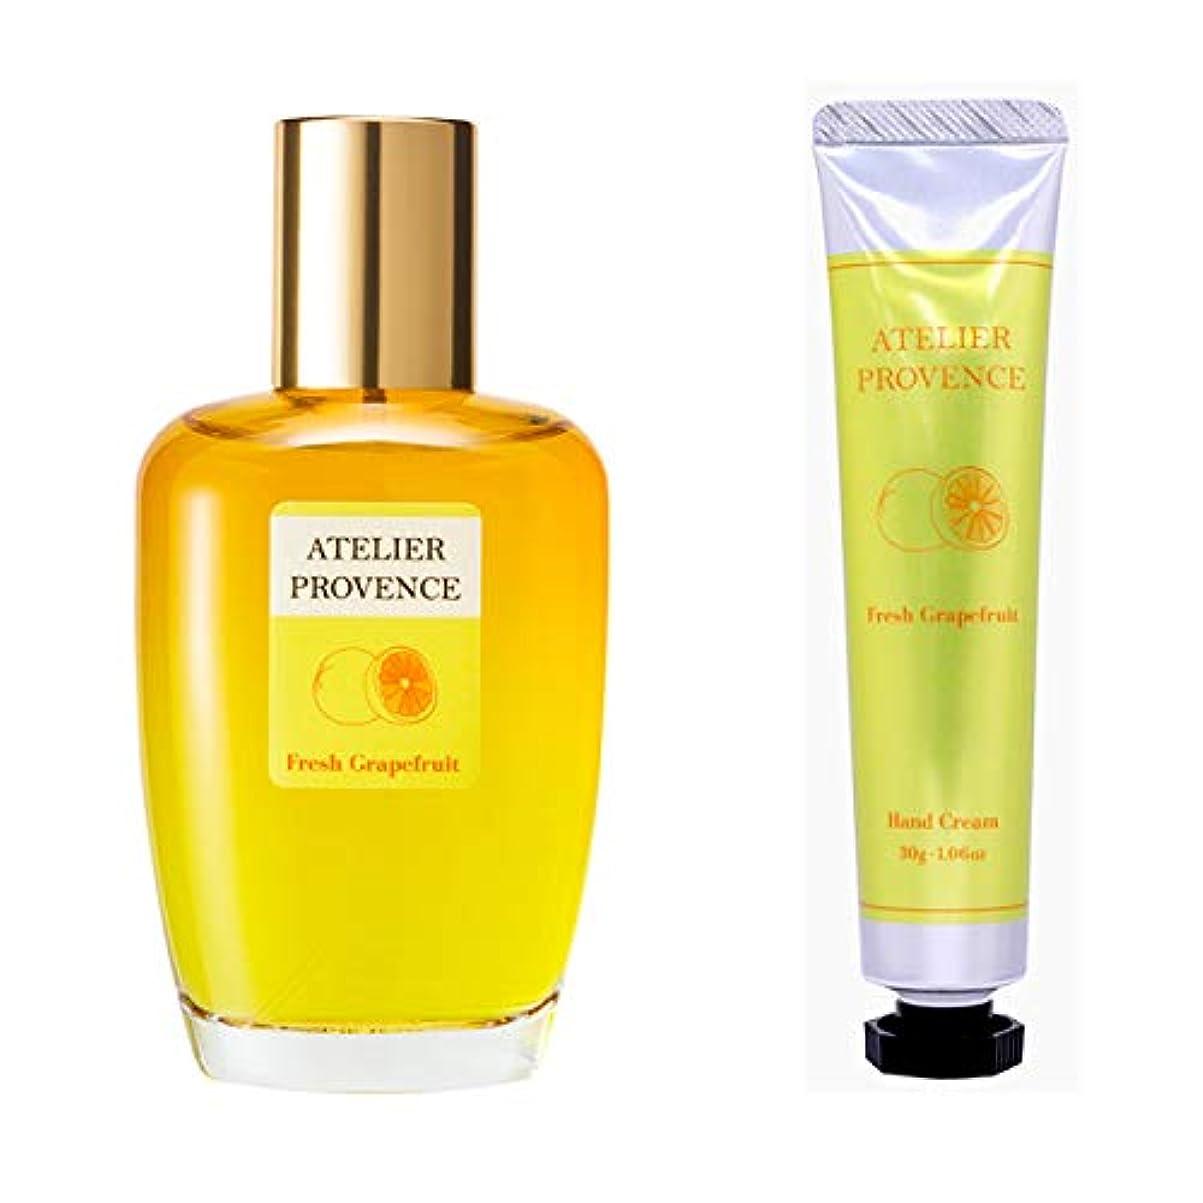 ストレスの多い変形する厄介なアトリエ プロヴァンス ATELIER PROVENCE フレッシュグレープフルーツの香り コフレセット(EDT90ml+ハンドクリーム30g)